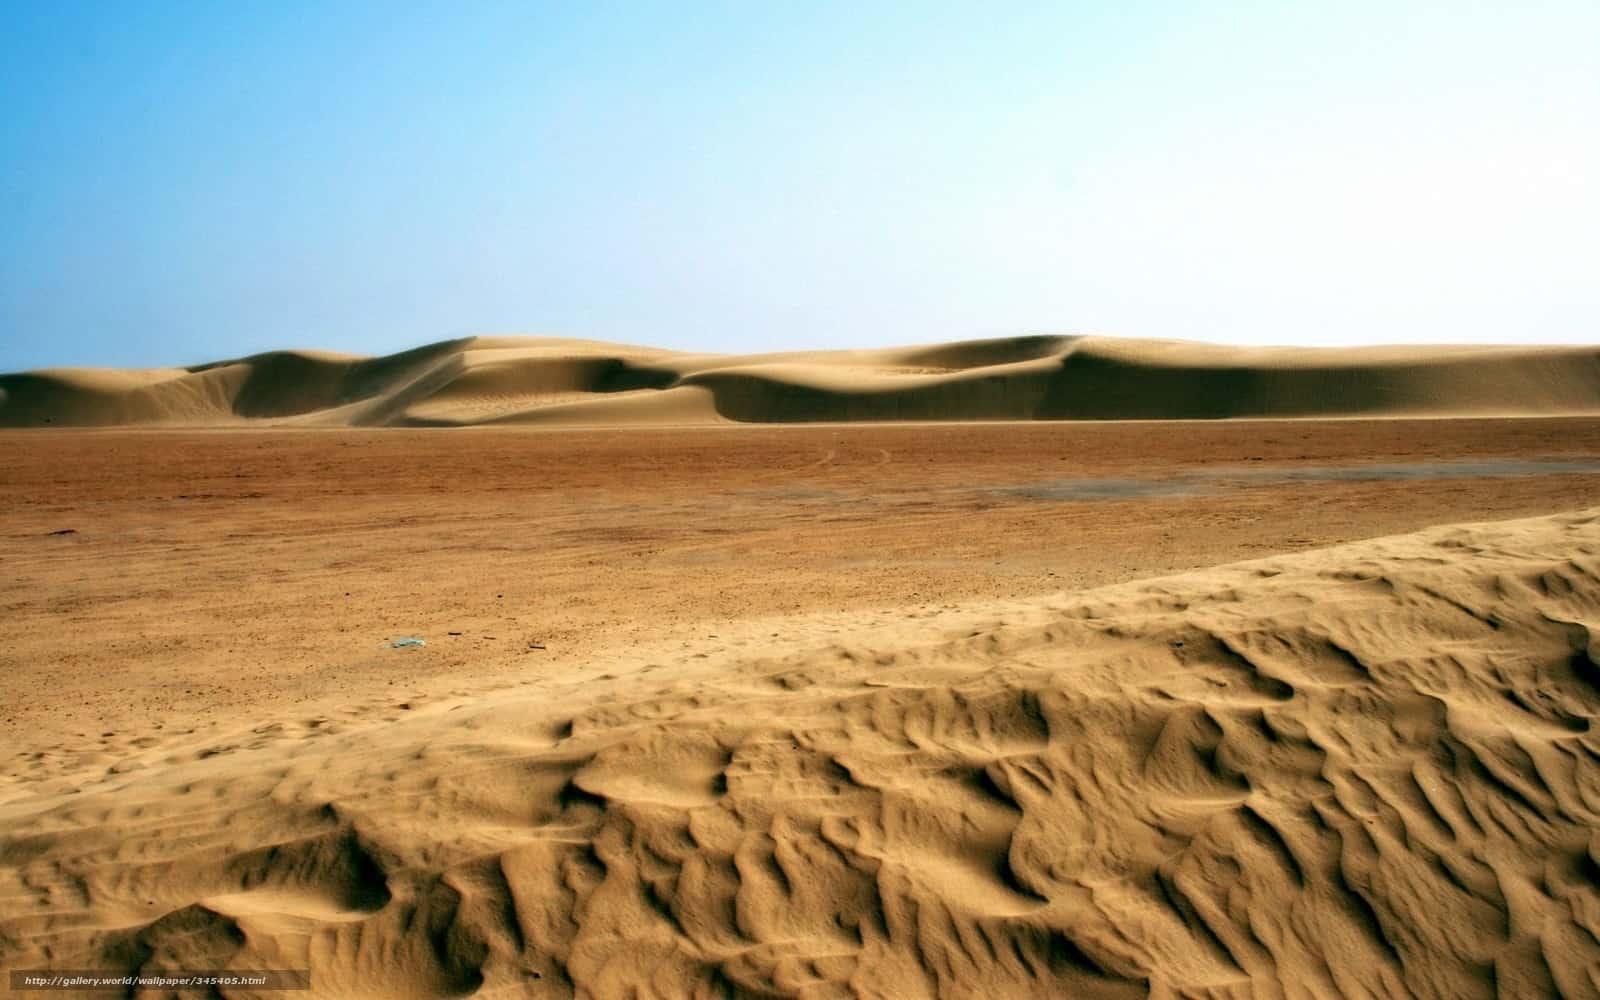 تفسير رؤية الرمل في المنام - موسوعة